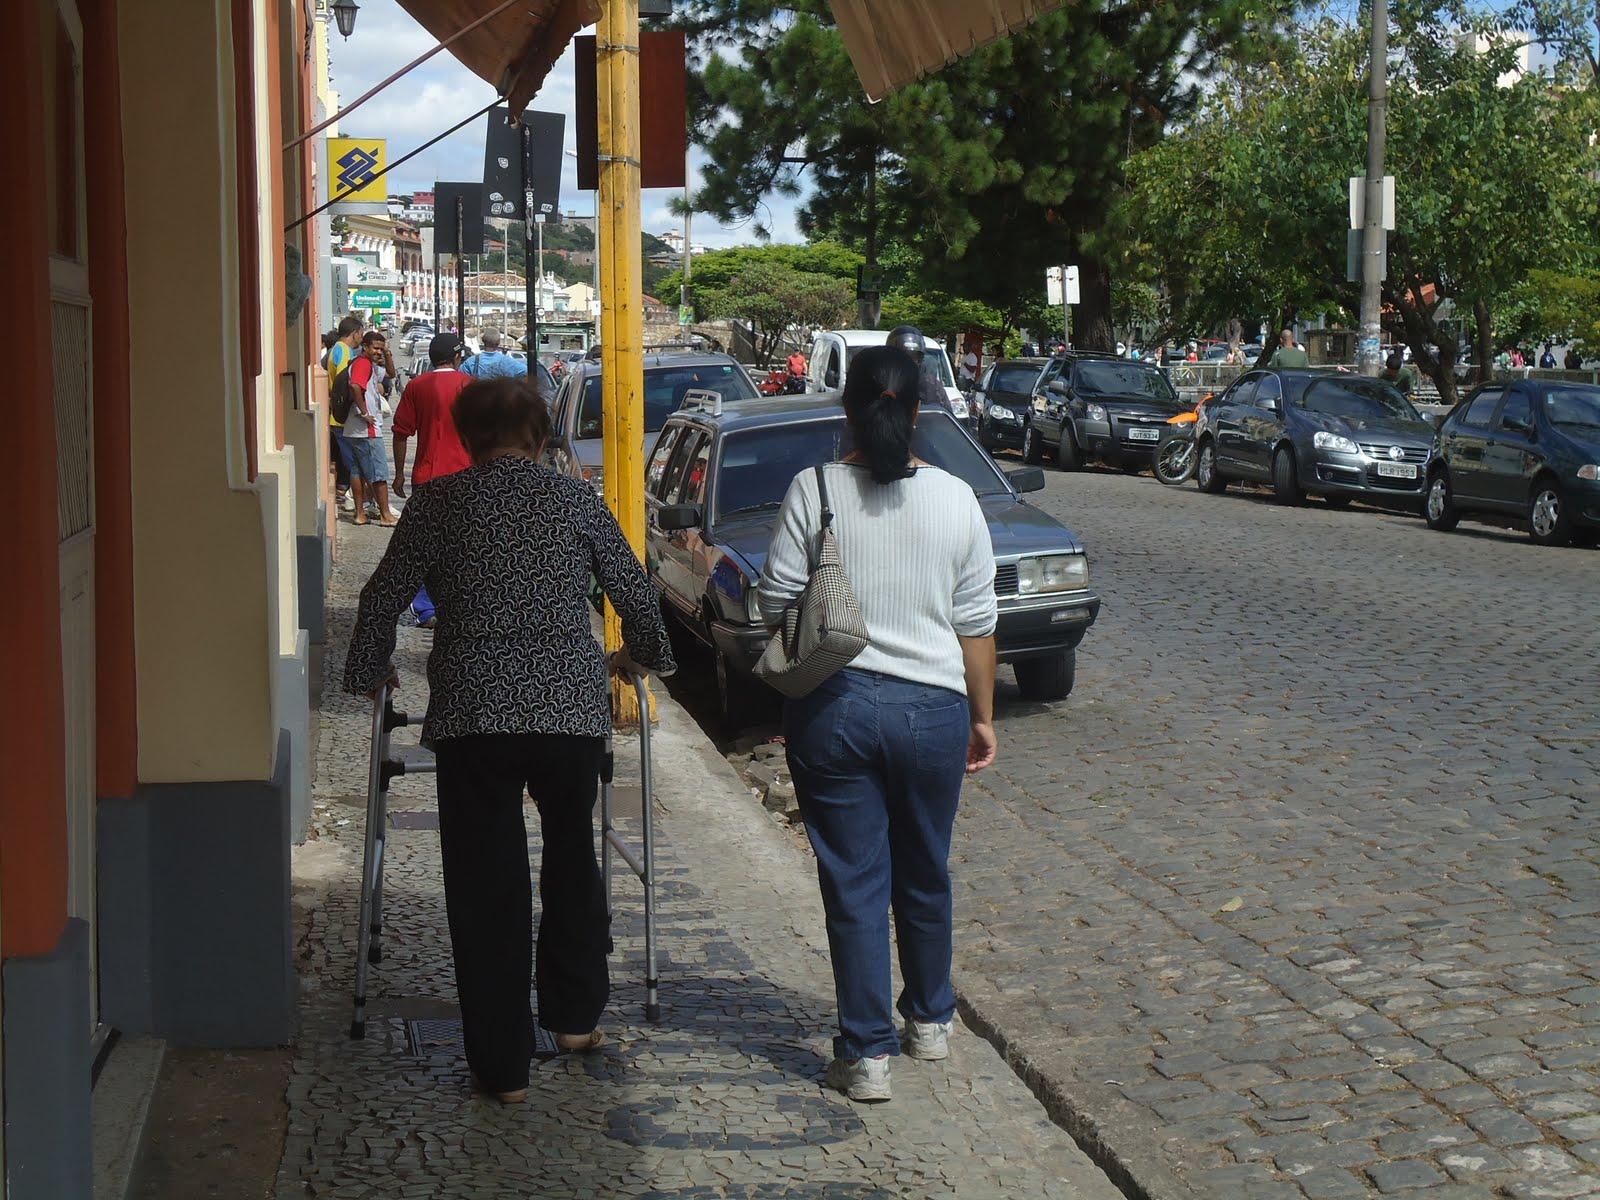 Jornalismo Online UFSJ: Acessibilidade para idosos é precária em  #A1772A 1600x1200 Acessibilidade Idosos Banheiro